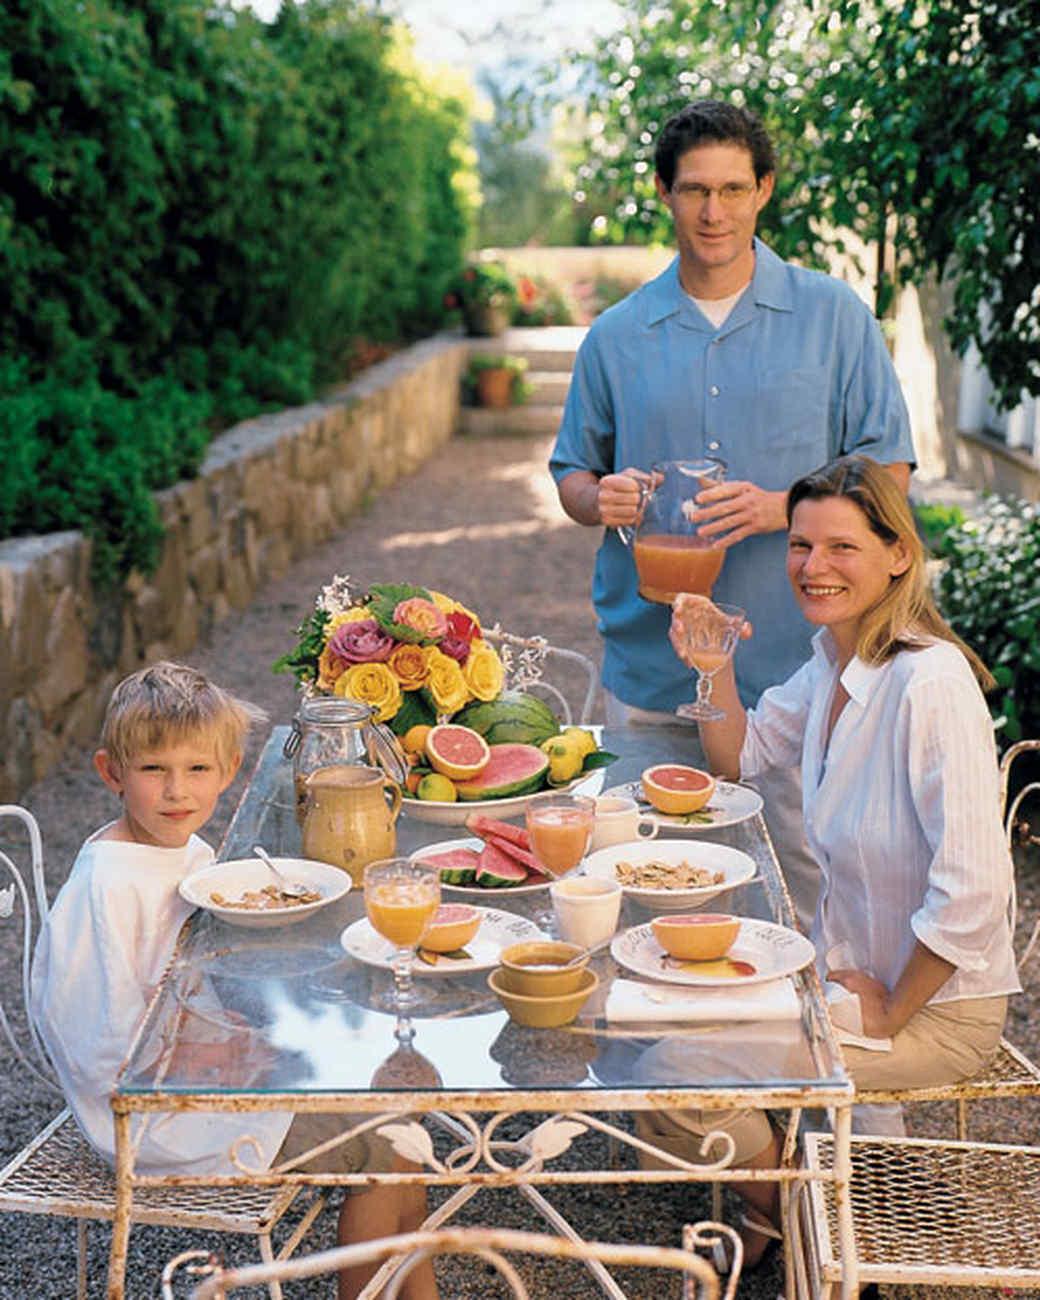 ml0904welc14_sept2004_family.jpg